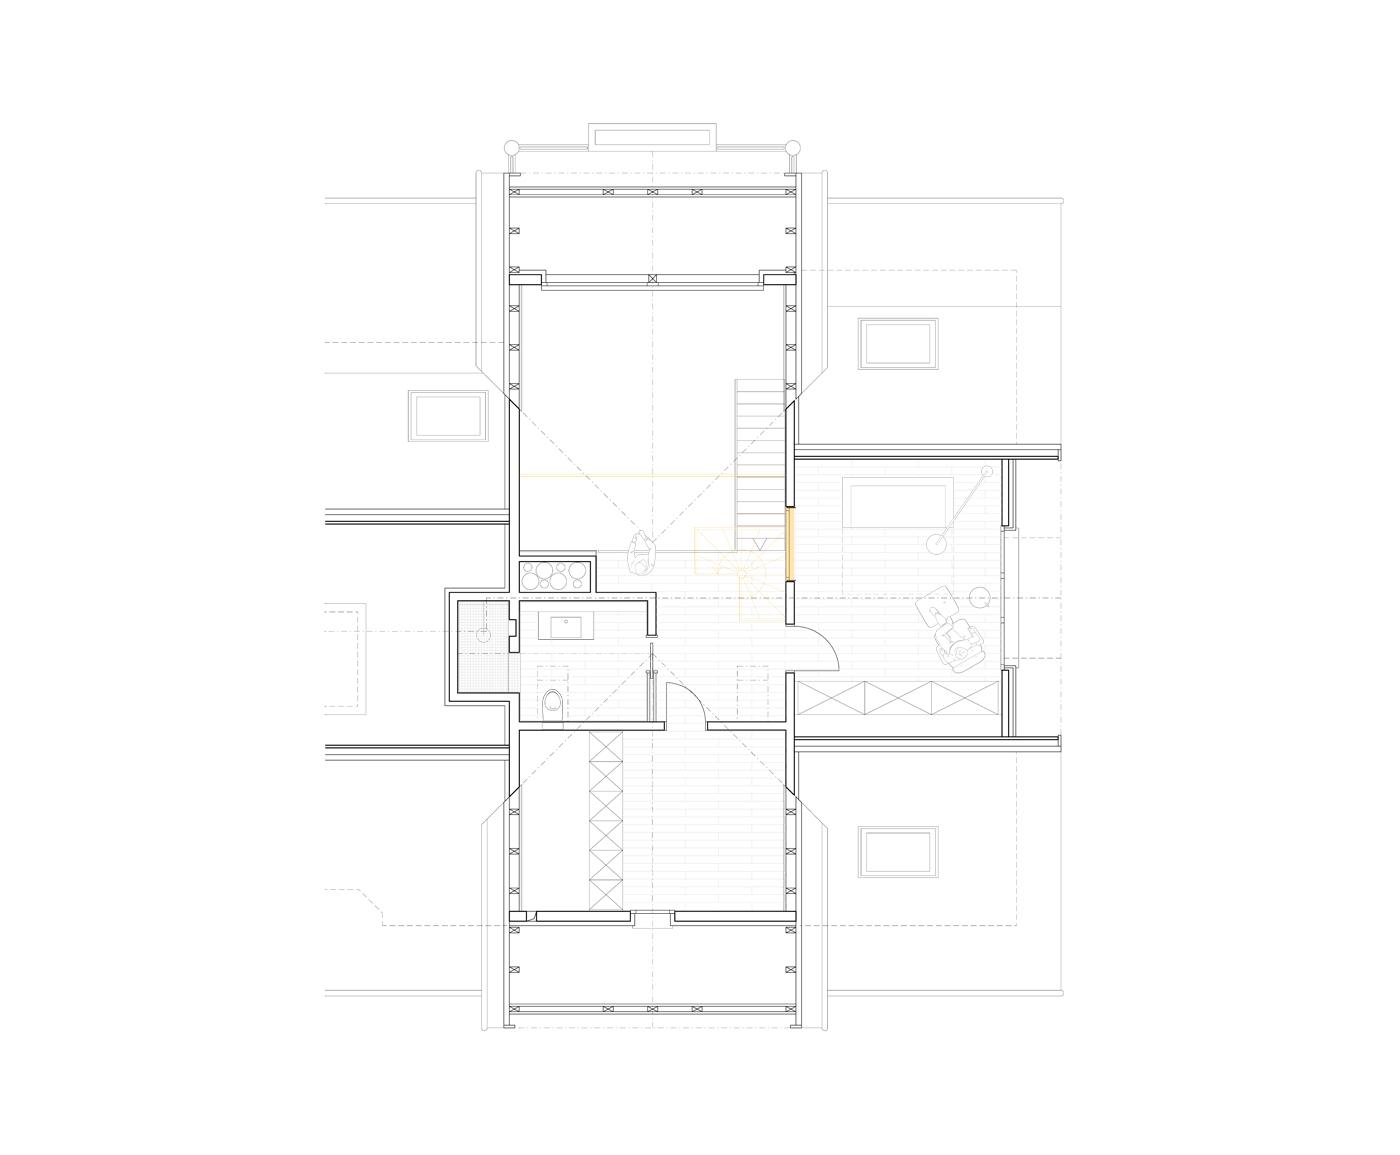 buan architekten – Umbau Attikawohnung Willisau – Grundriss Galeriegeschoss